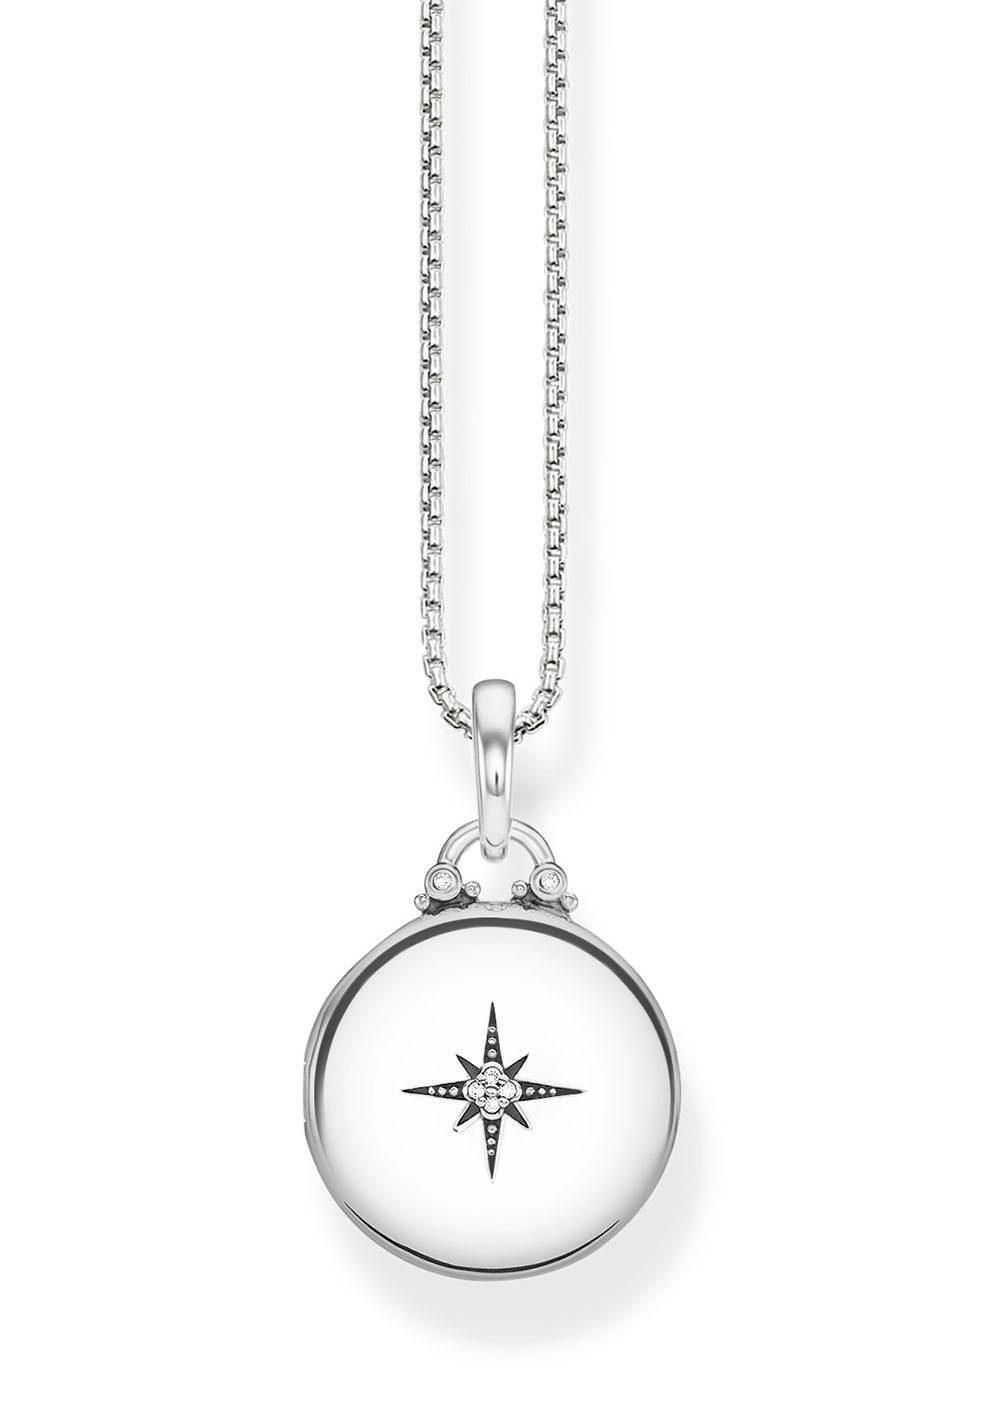 THOMAS SABO Kette mit Anhänger »D_KE0036-356-14-L45v, Medaillon silber rund« mit Diamanten